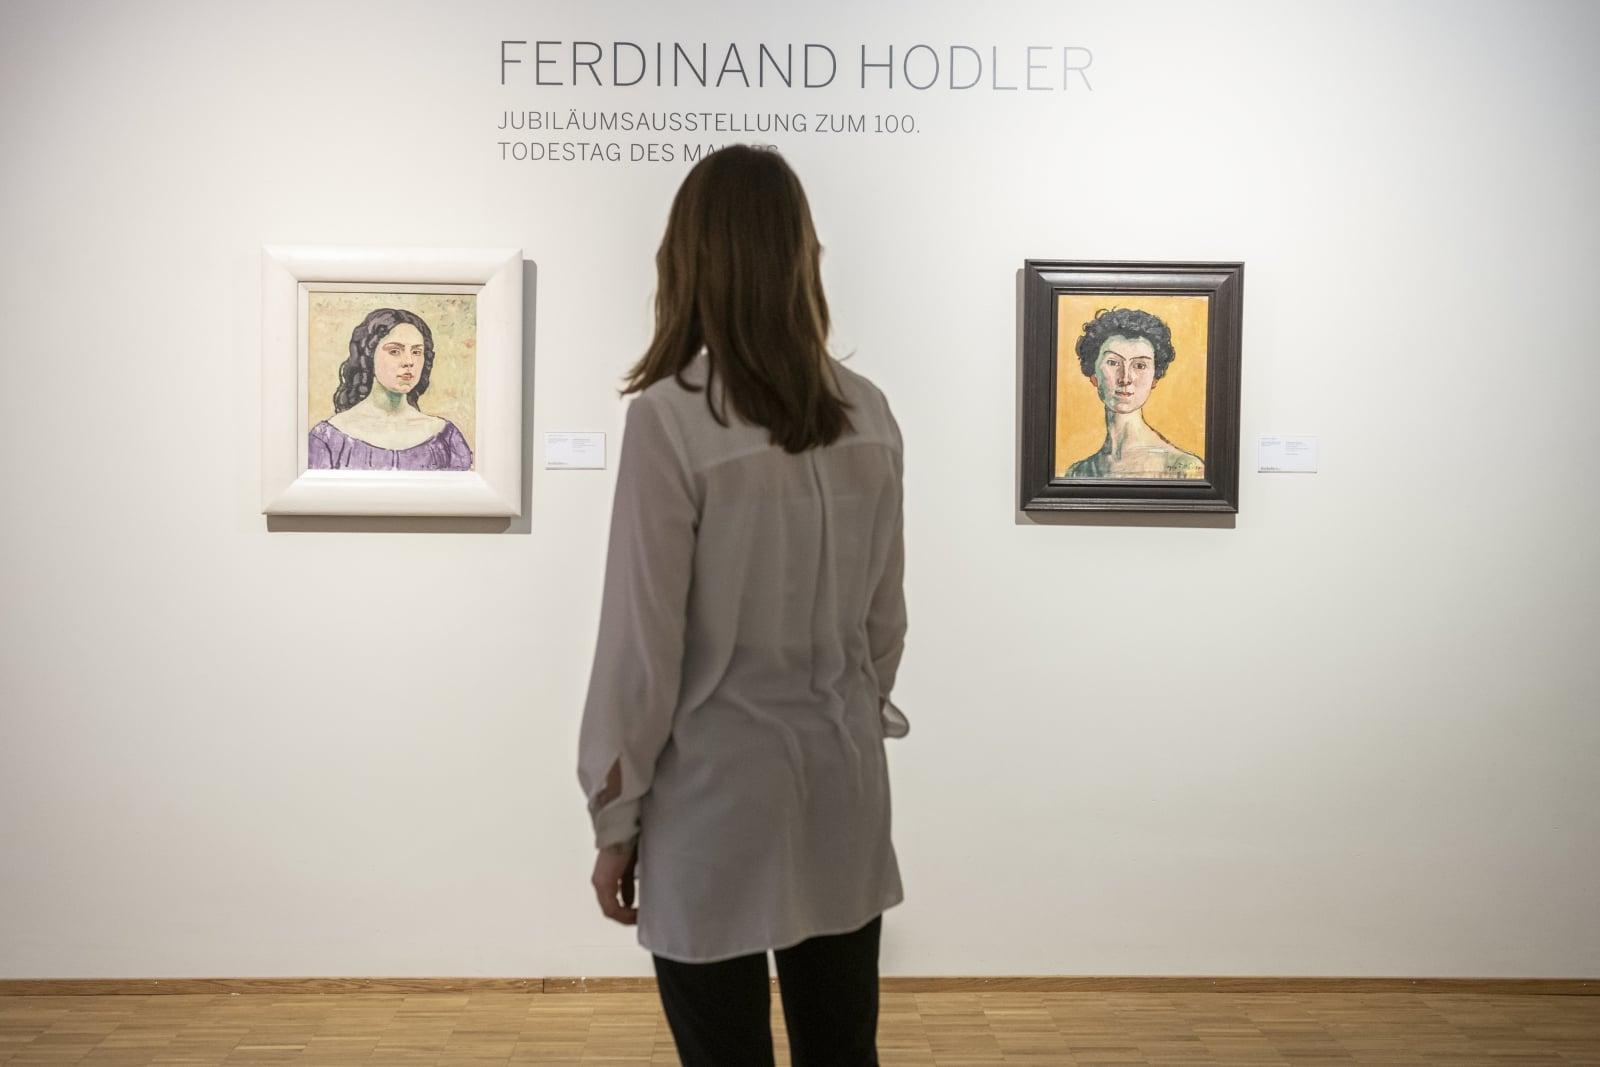 Kobieta patrzy na obrazy w czasie wystawy dzieł malarza Ferdinanda Hodlera w Zurichu, Szwajcaria.